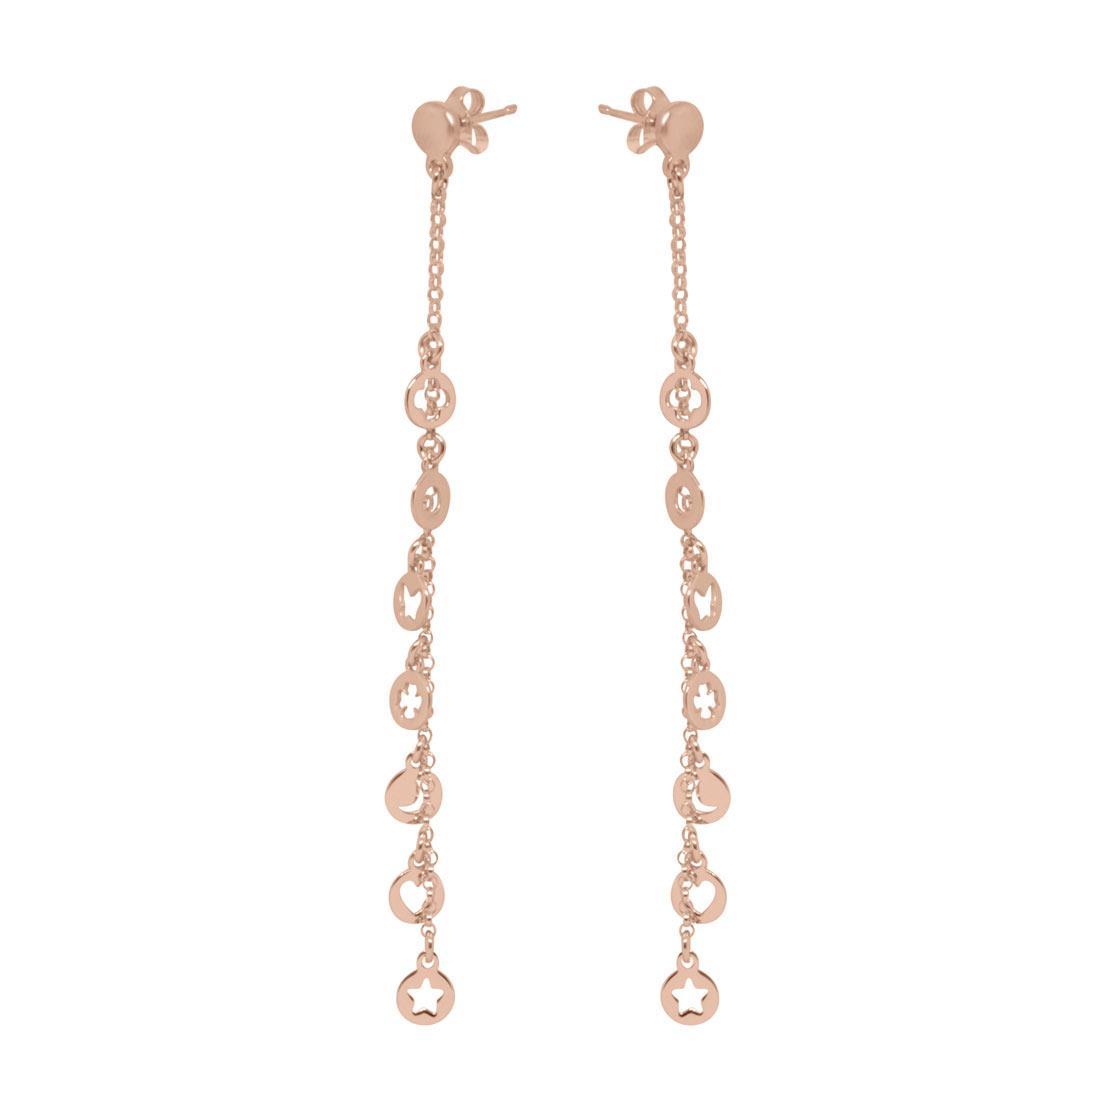 Orecchini pendenti in argento rosato - ORO&CO 925